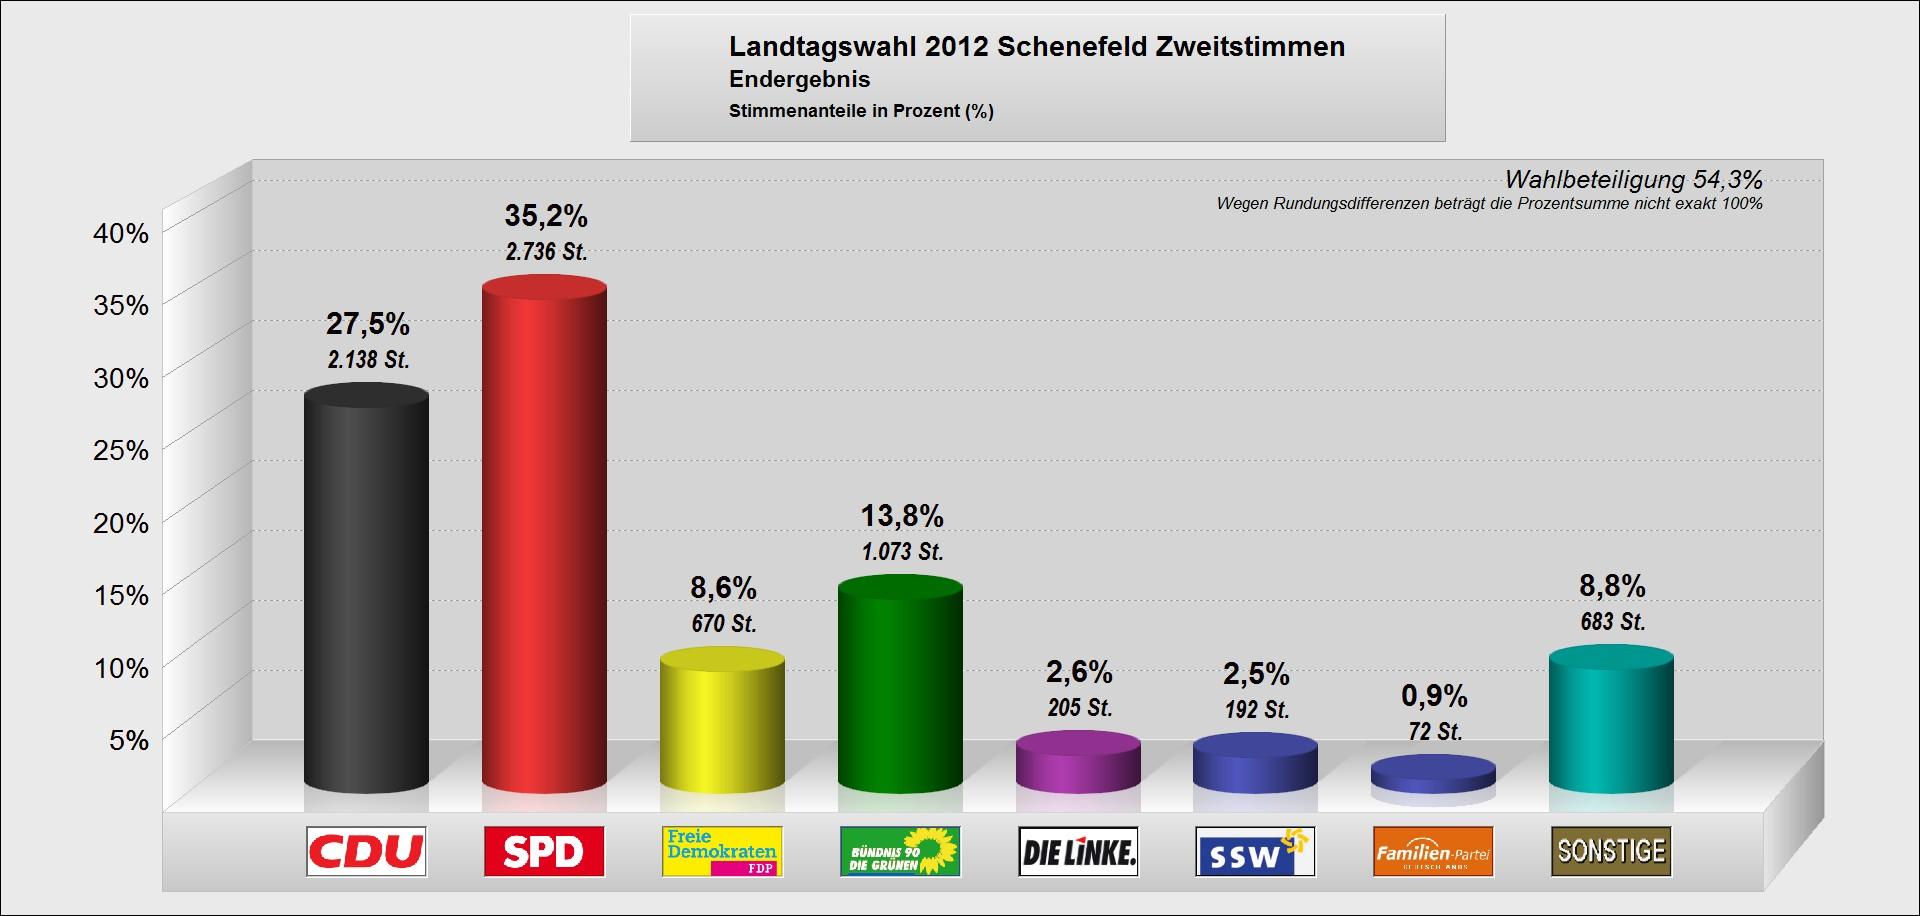 Endergebnis Zweitstimme LTW 2012